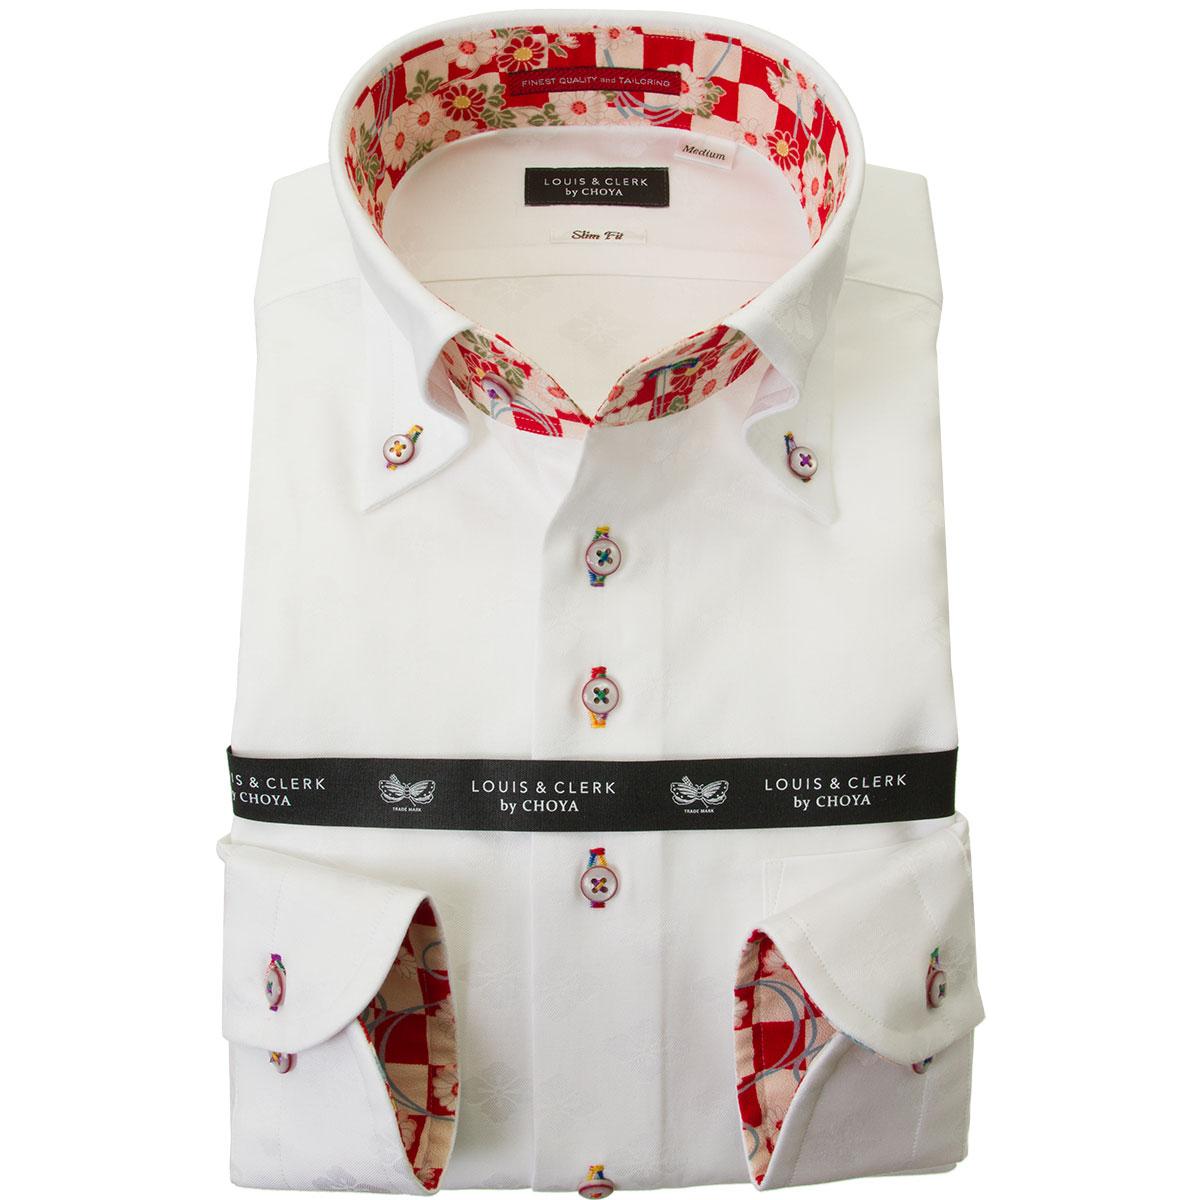 国産長袖綿100%ドレスシャツ  スリムフィット ボタンダウン ホワイト ジャガード織柄 家紋 花菱 2001メンズ